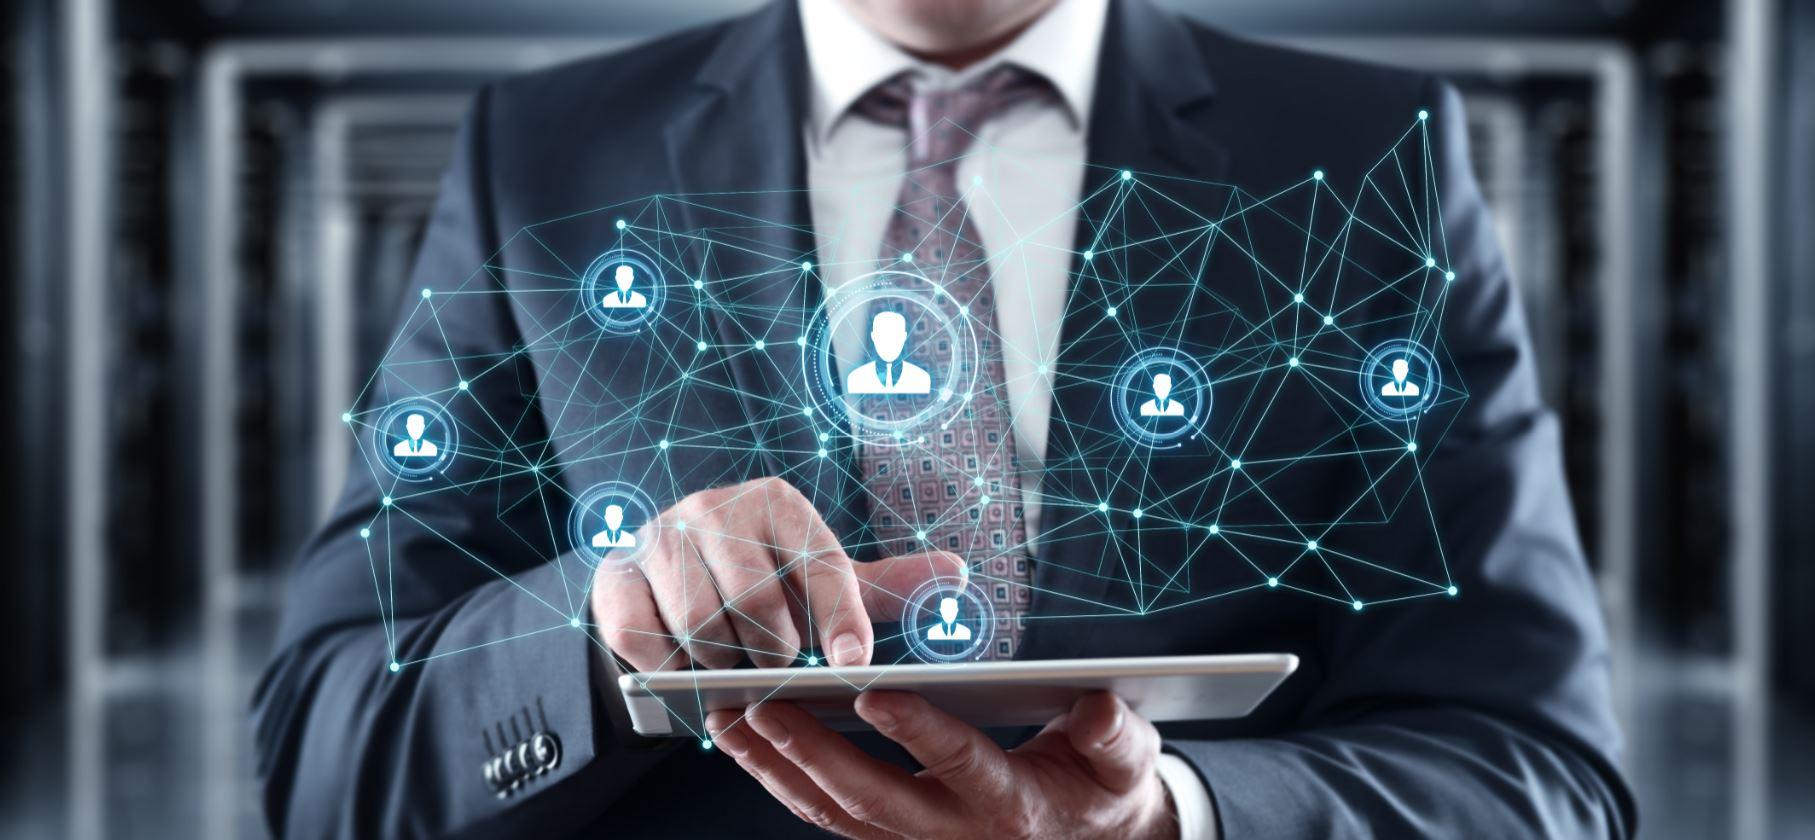 Mappare le skills tecniche: nasce SMT di Npo